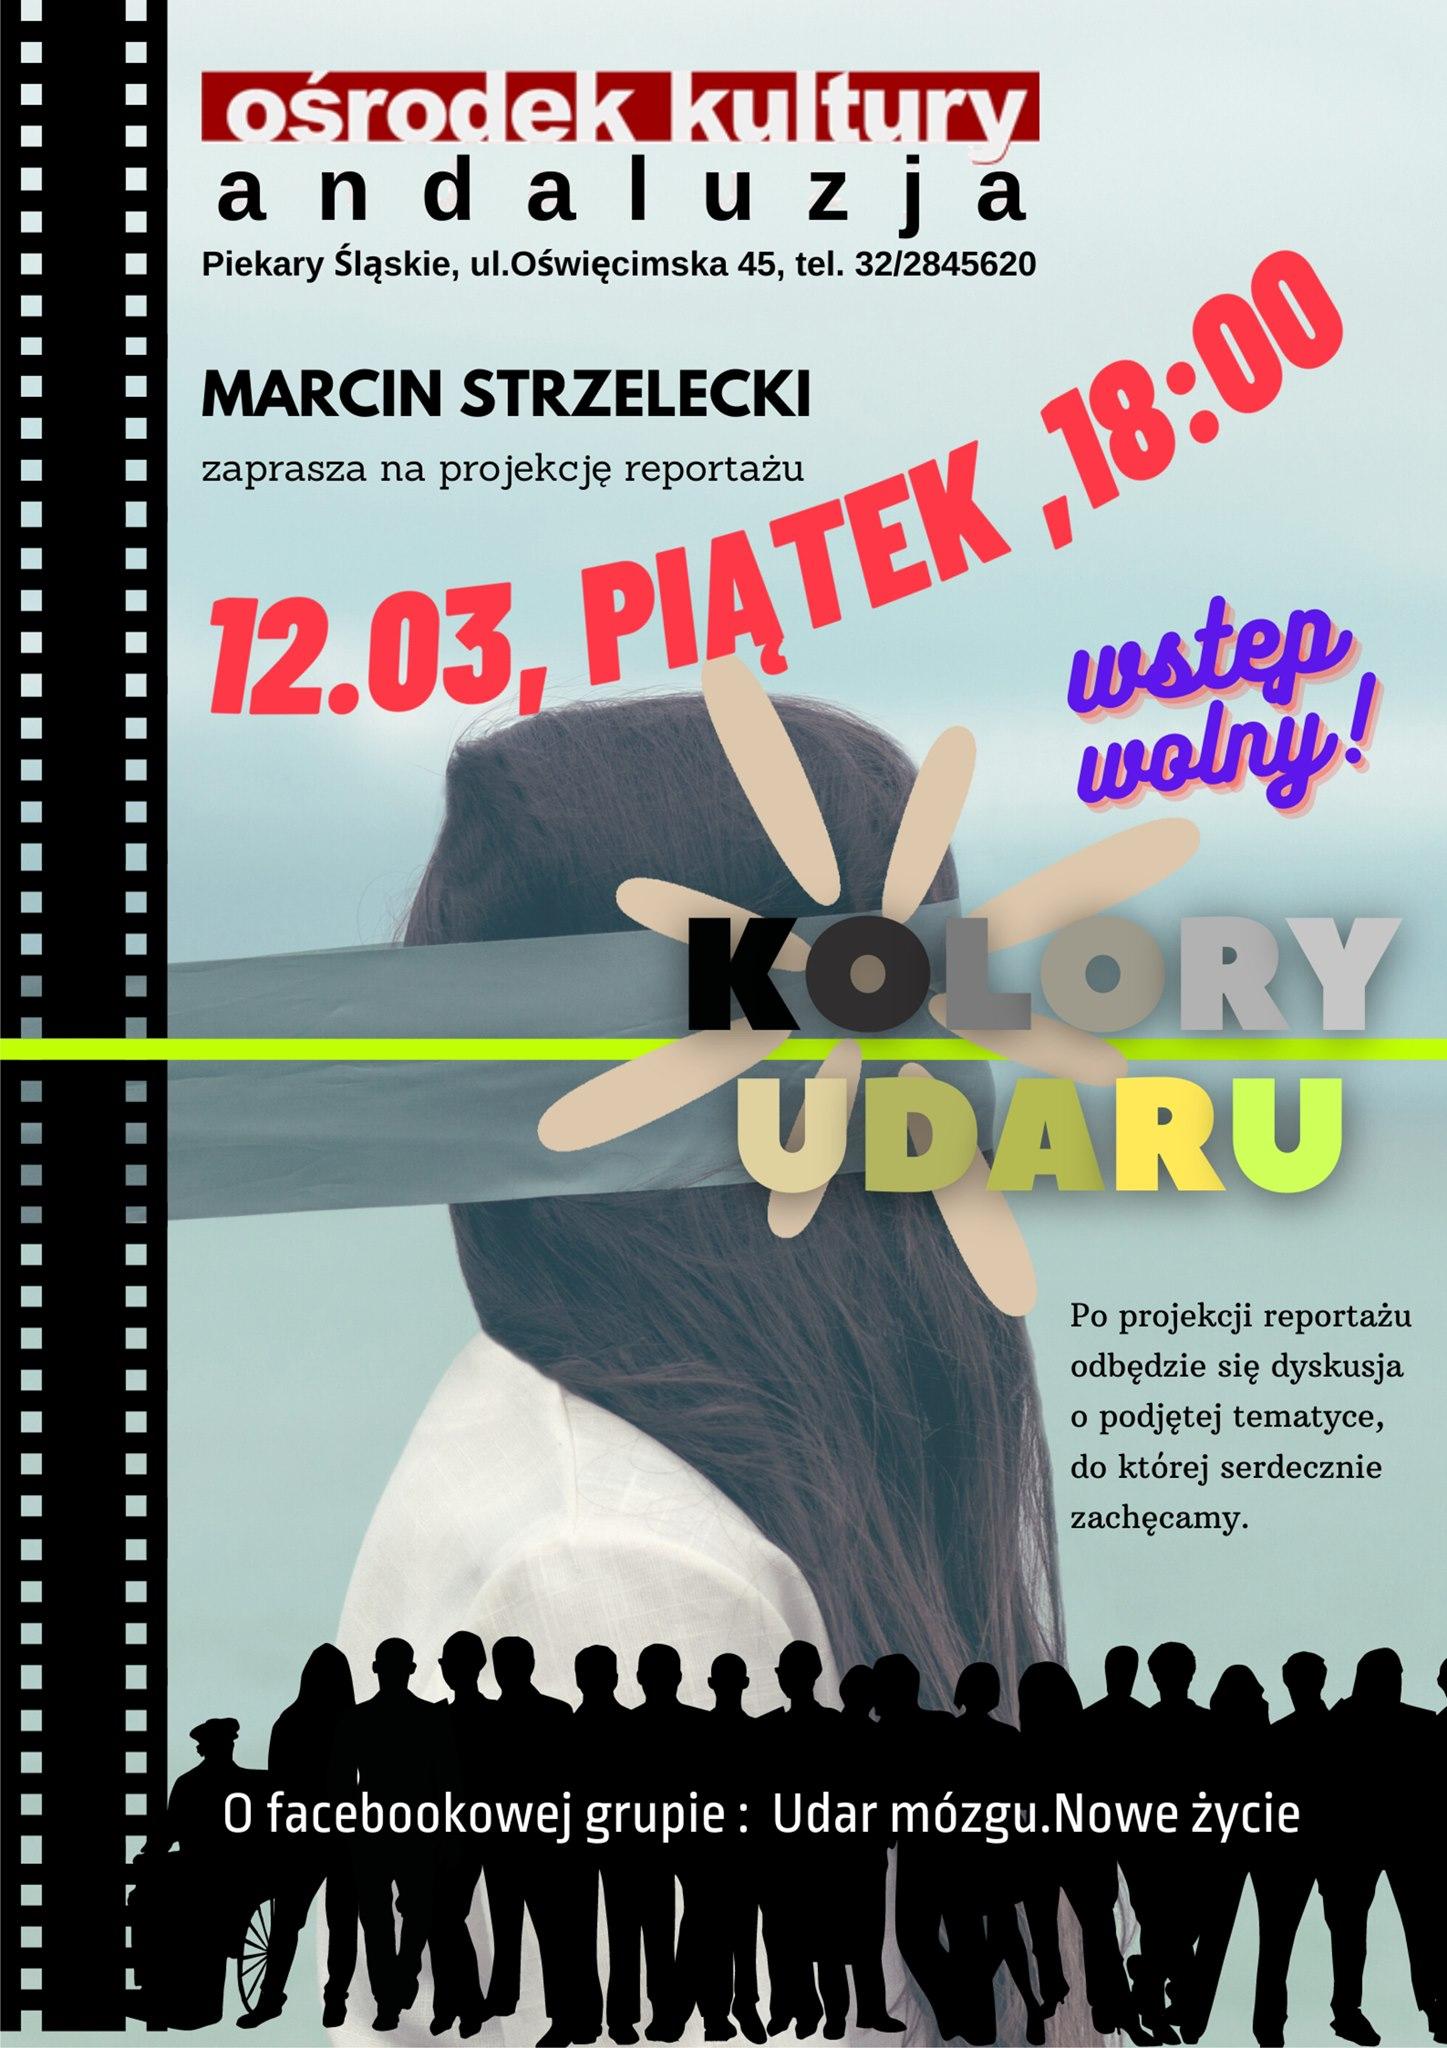 Prelekcja Marcina Strzeleckiego!!!